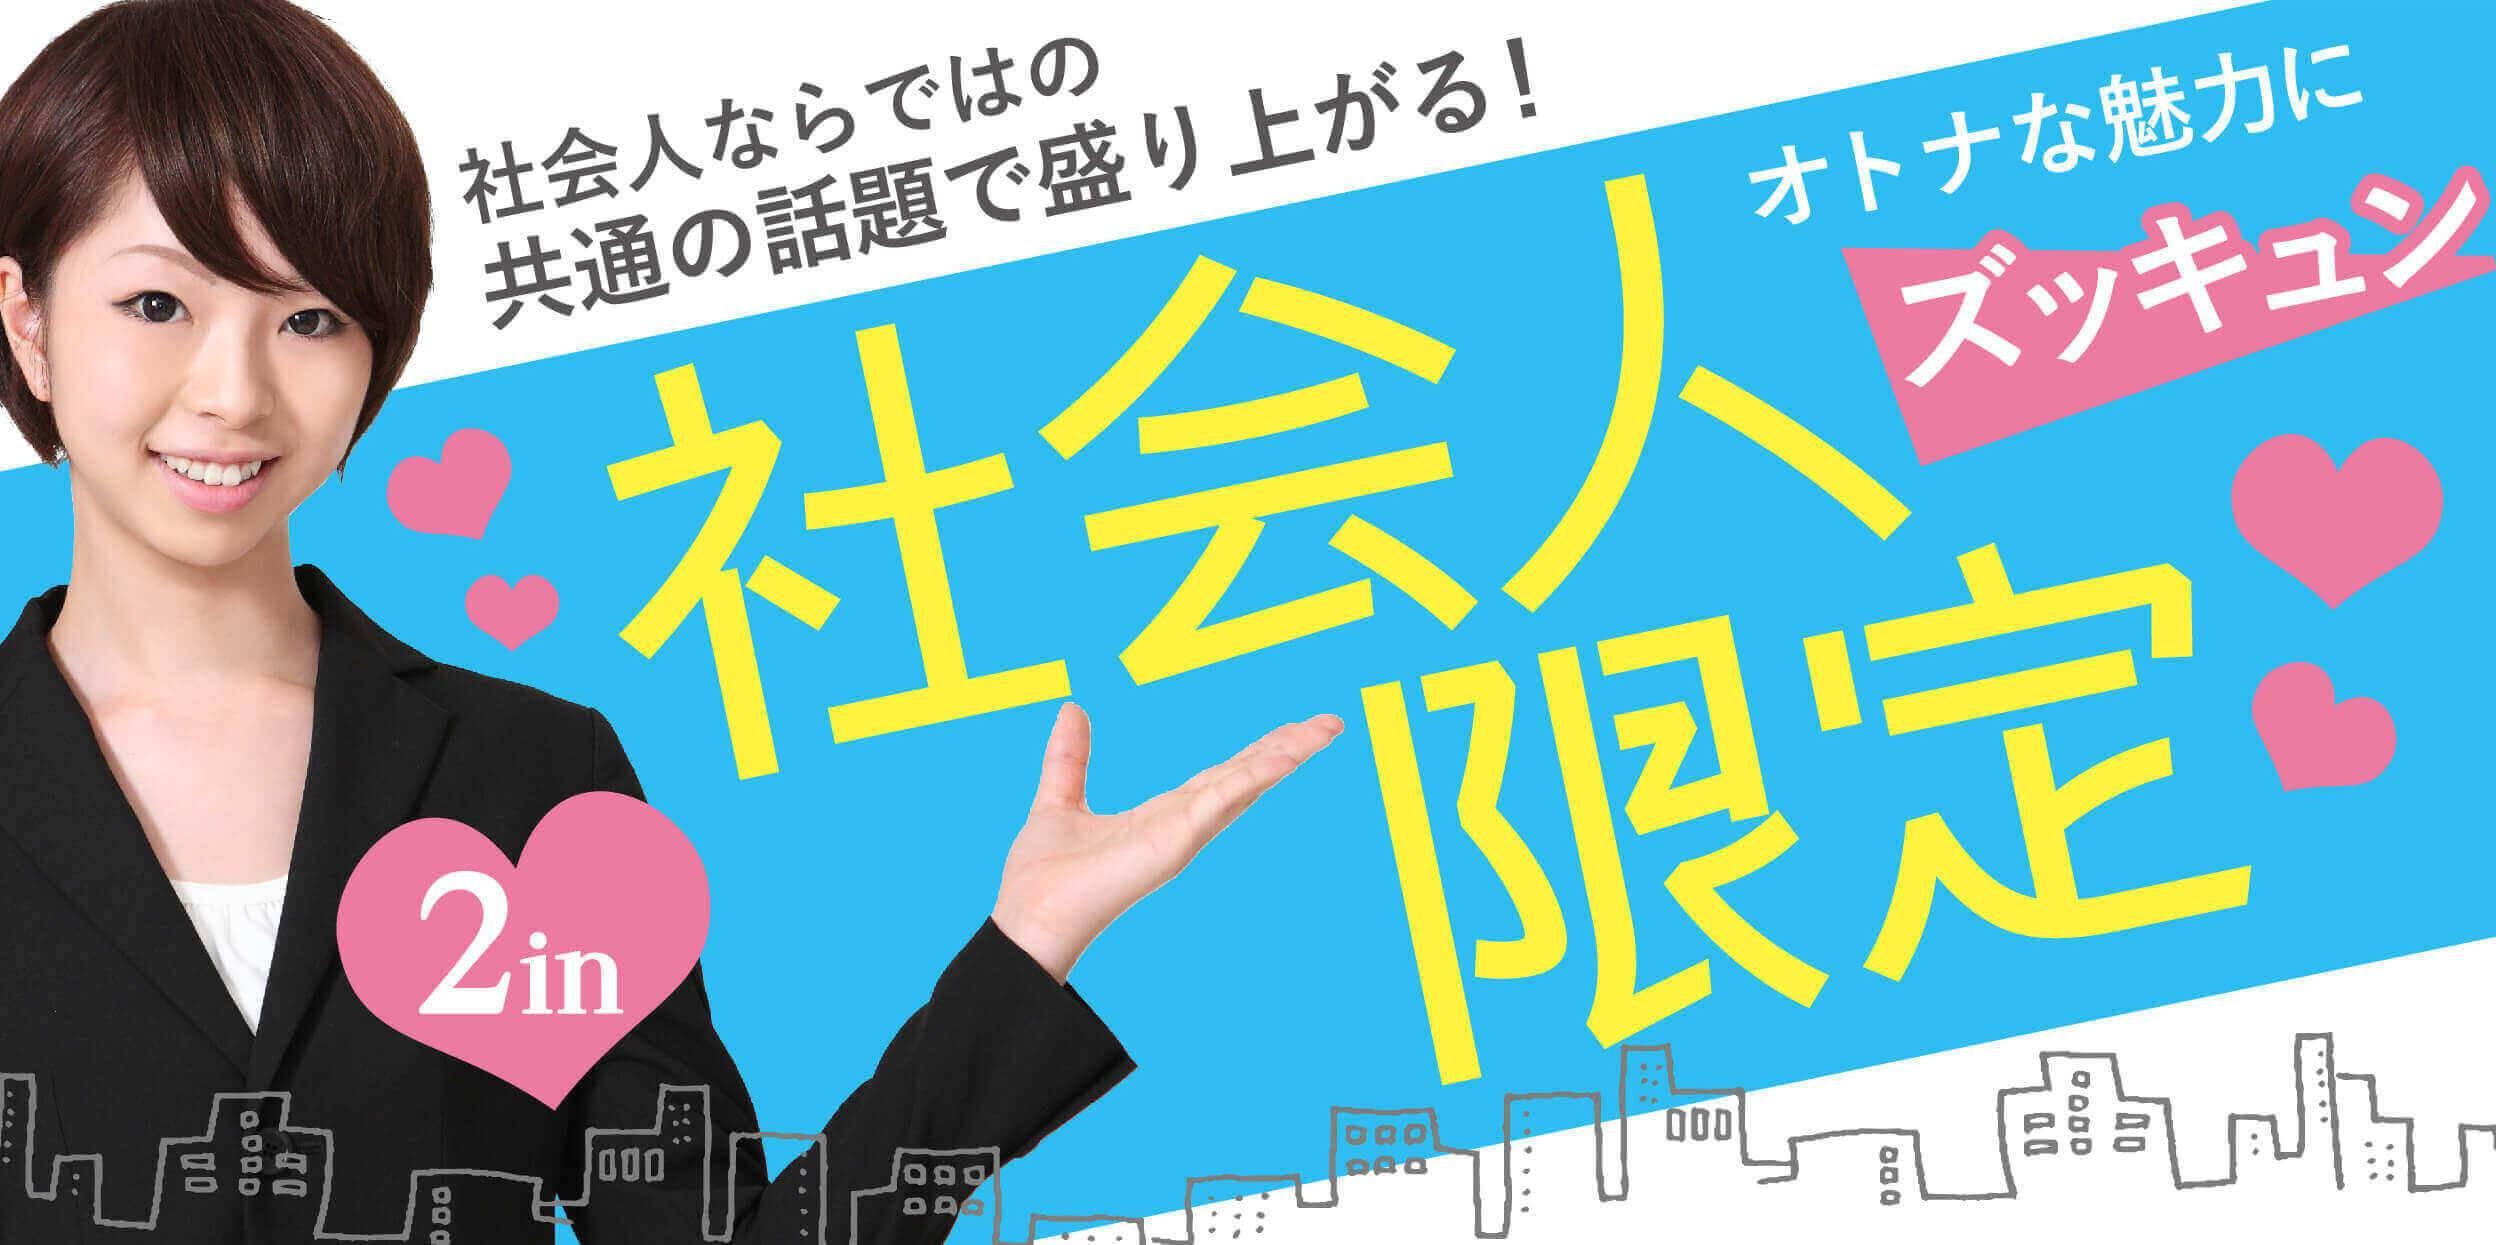 【大人気企画を開催★】10月27日(金)20代限定!大人の社会人限定コンin広島〜初参加・一人参加に大人気★社会人同士だからこそできる話もたくさん〜